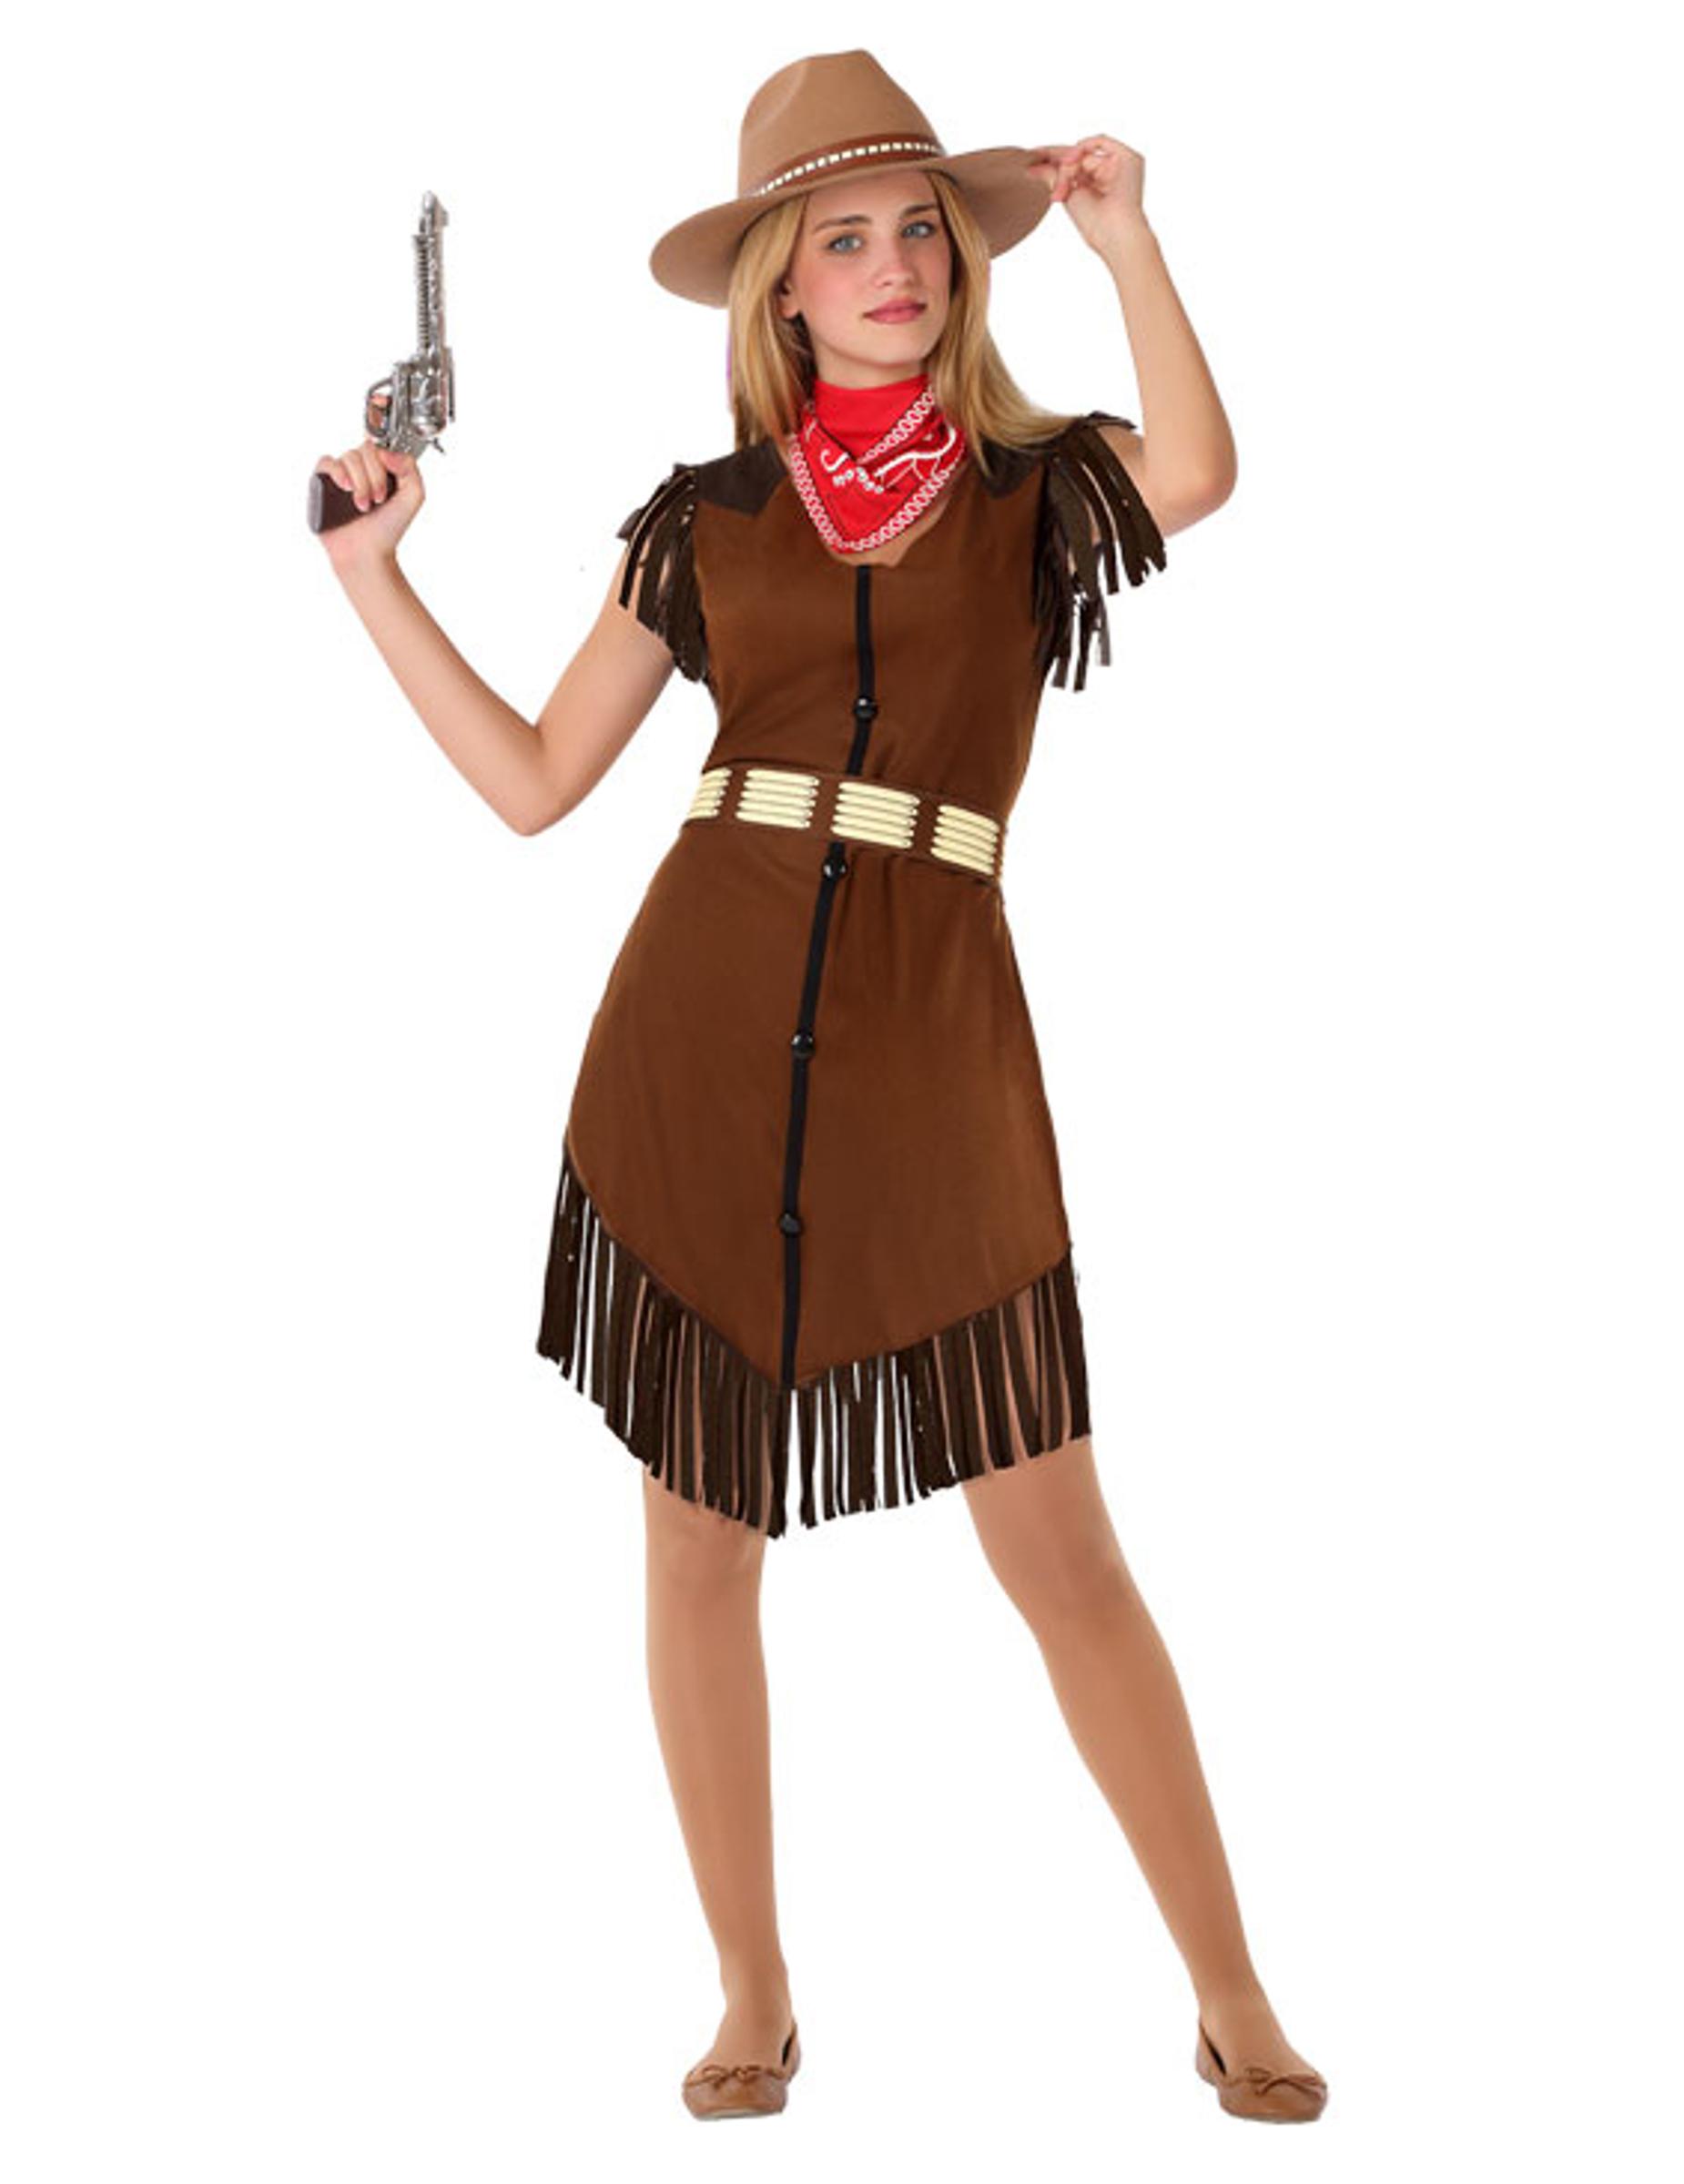 cowgirl-kostüm für jugendliche teenager-kostüm braun